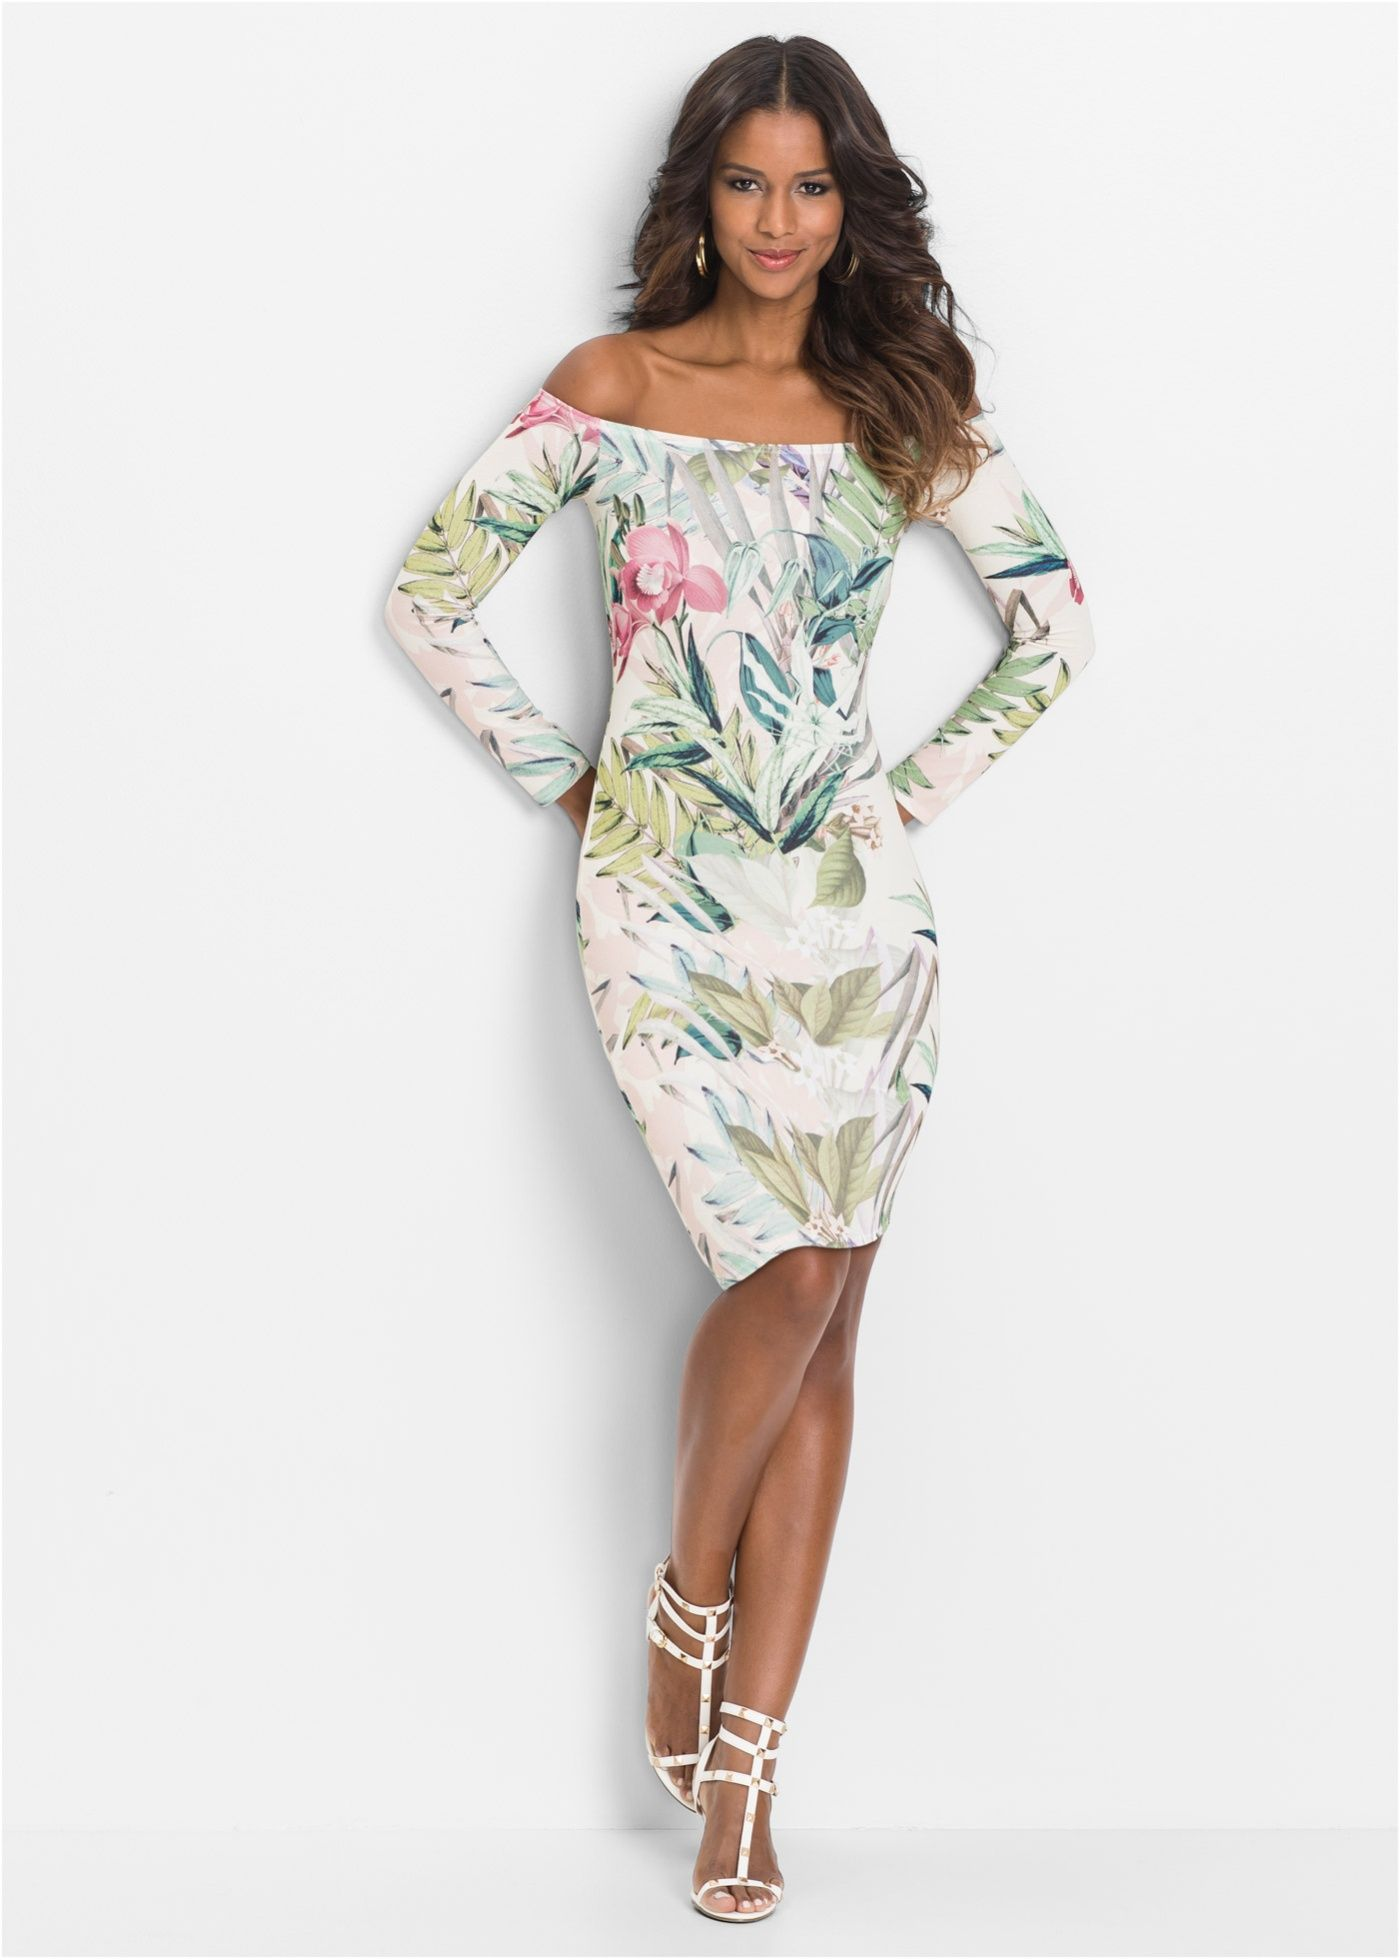 ec44f1f0e5e3 Schulterfreies Kleid weiss twill grün geblümt - BODYFLIRT boutique jetzt im  Online Shop von bonprix